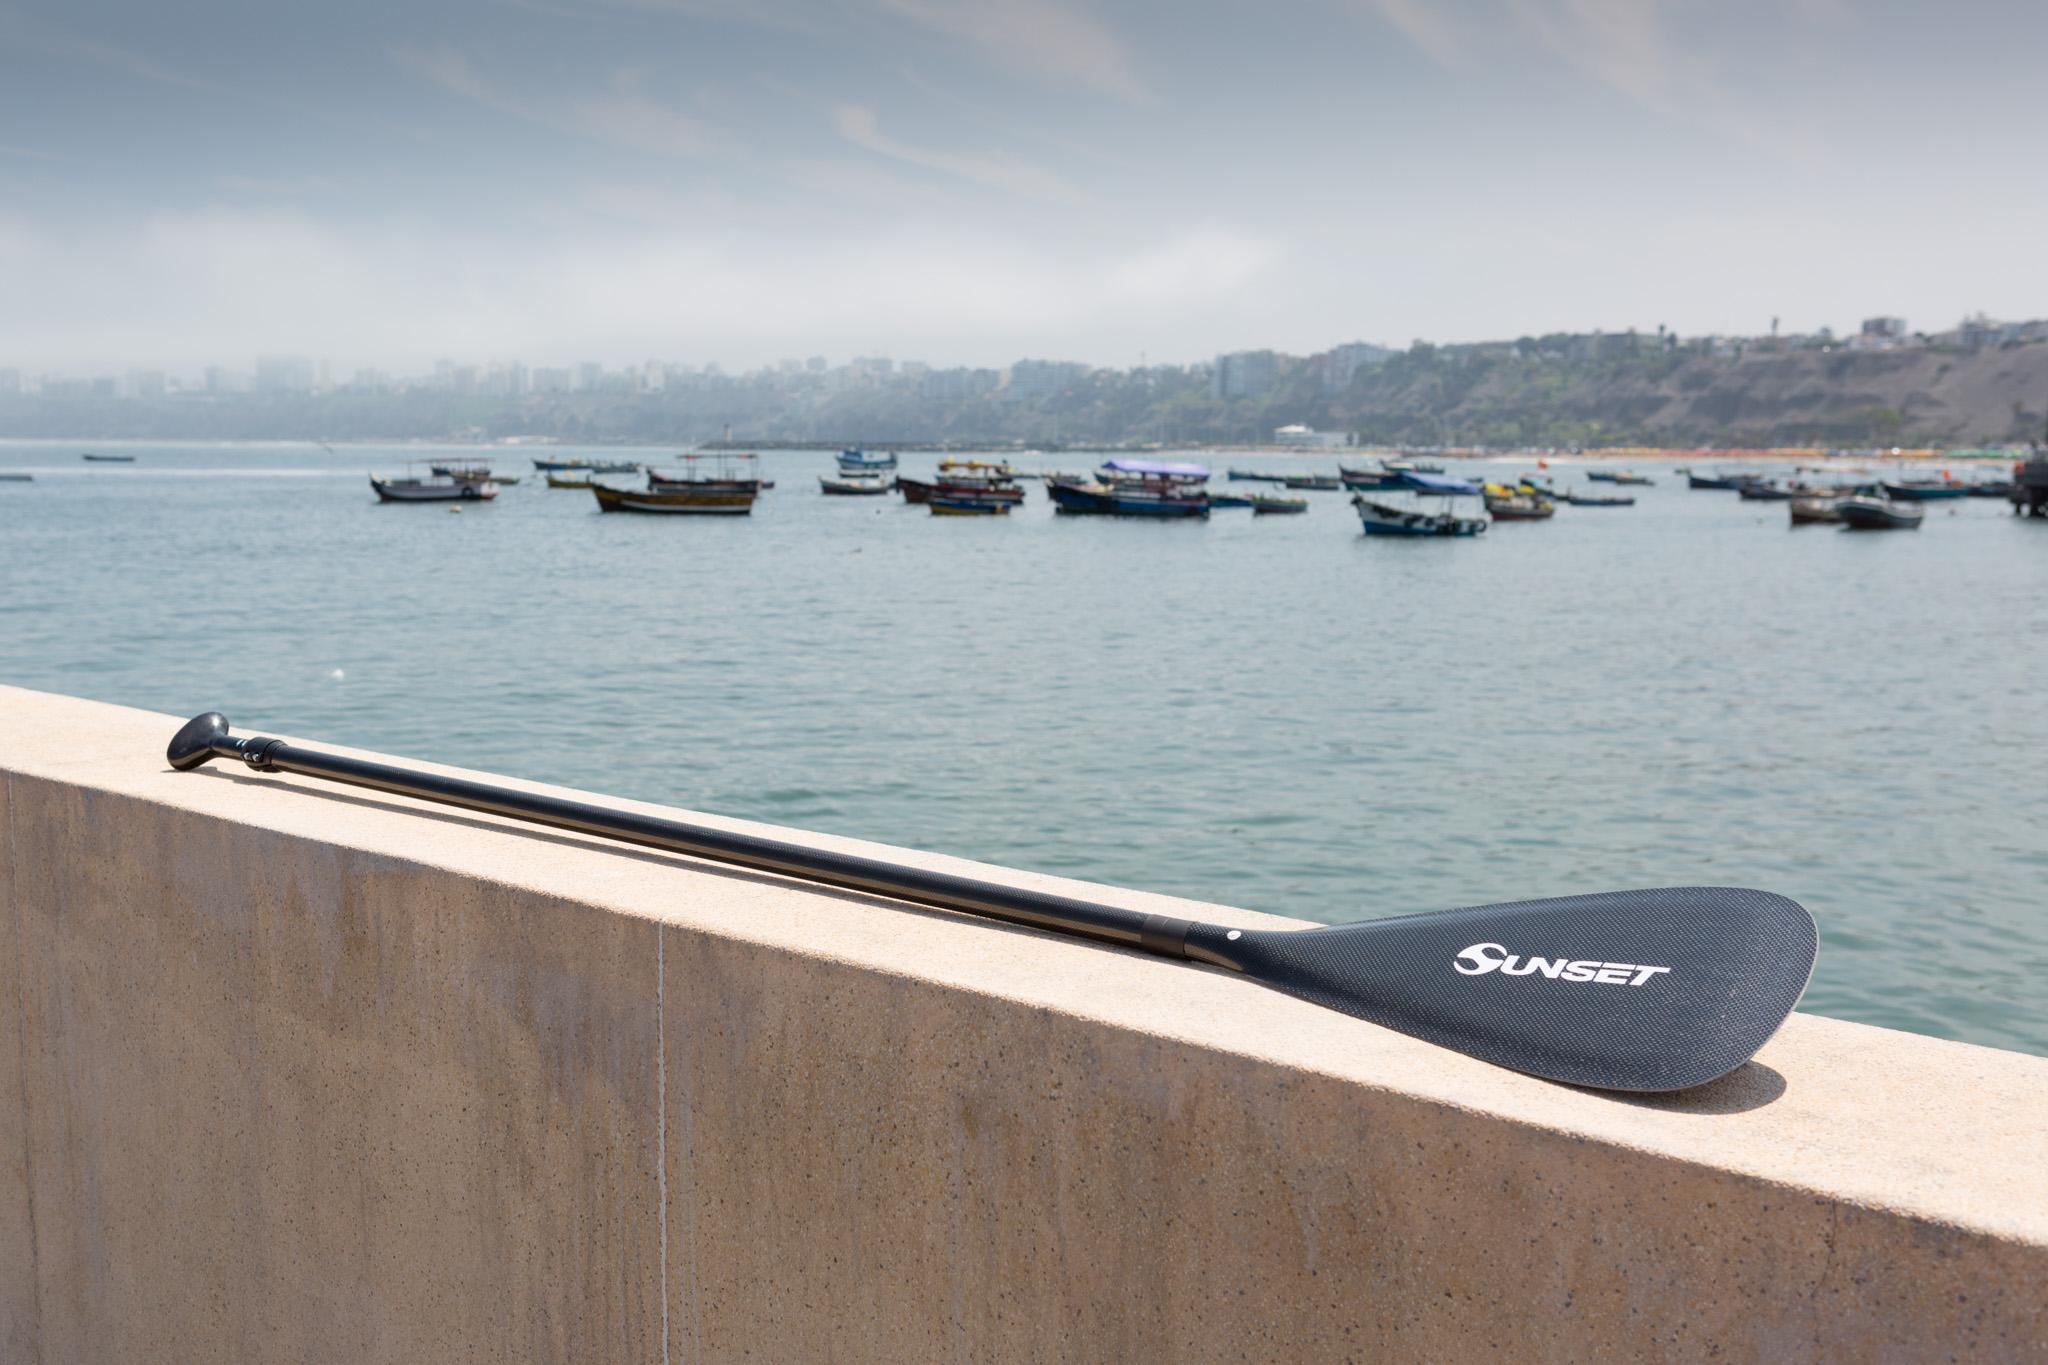 Un remo de standup paddle liviano y super resistente, flota y diseño de performance.